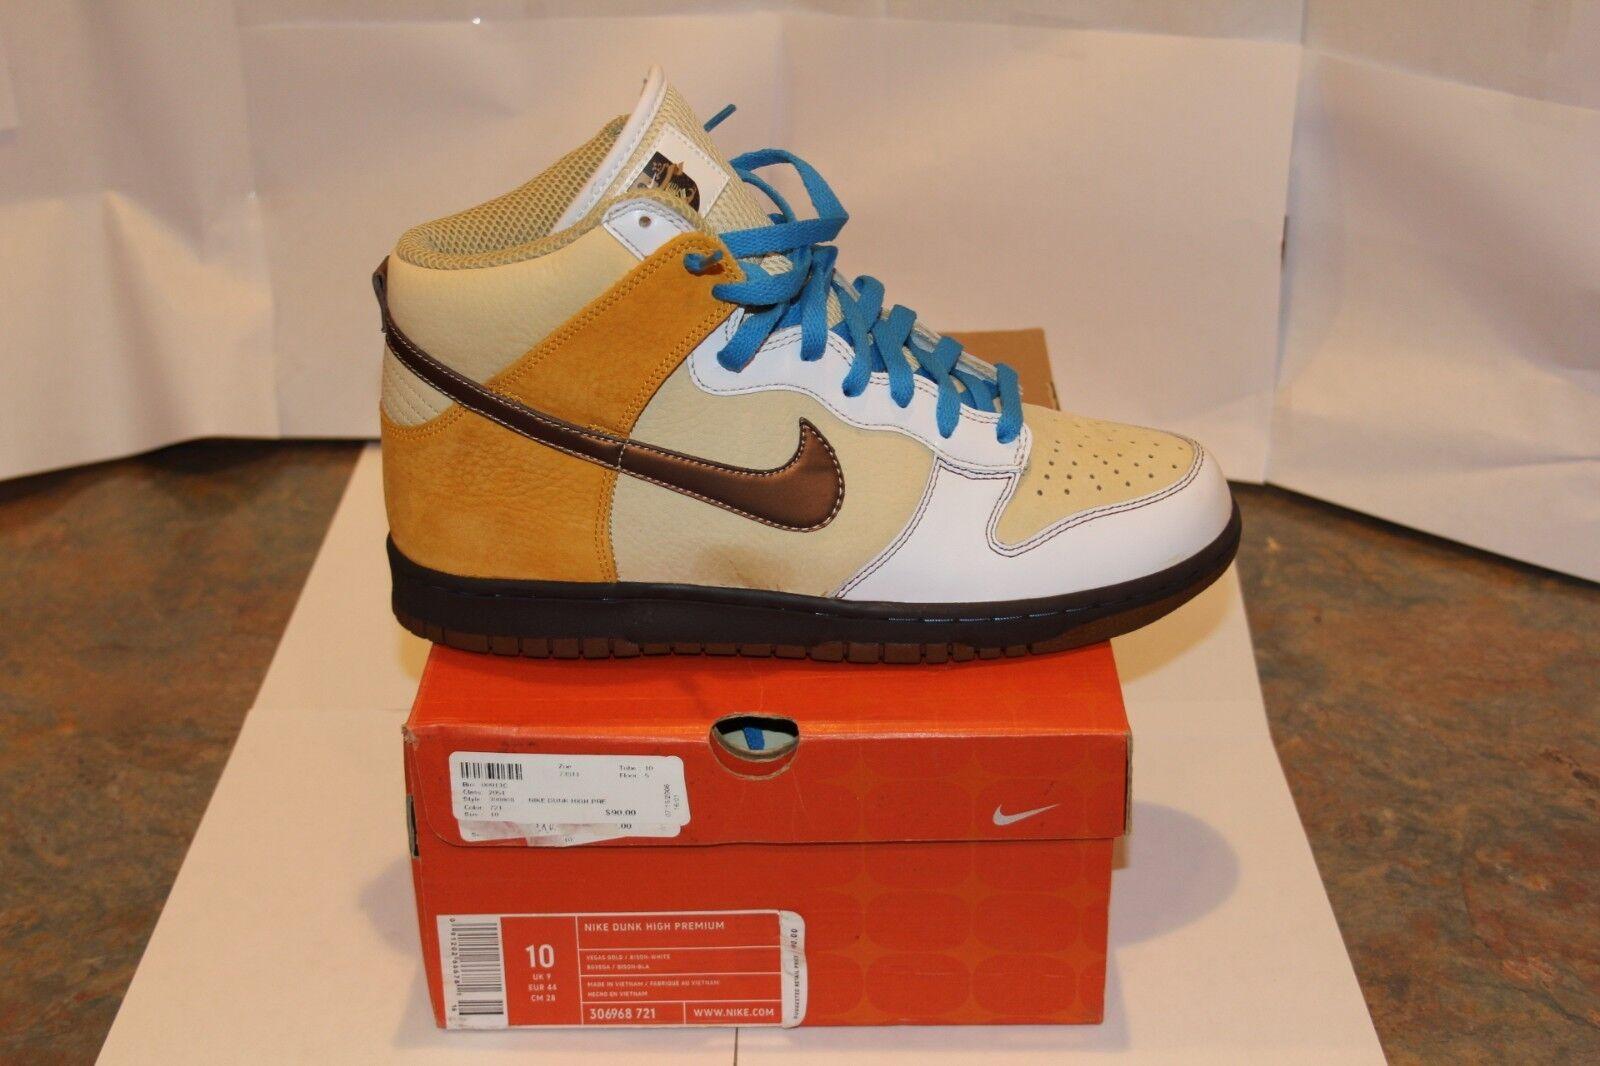 Nike Nike Nike Dunk High Premium Vegas comodo precio de temporada corta, beneficios de descuentos acc24c